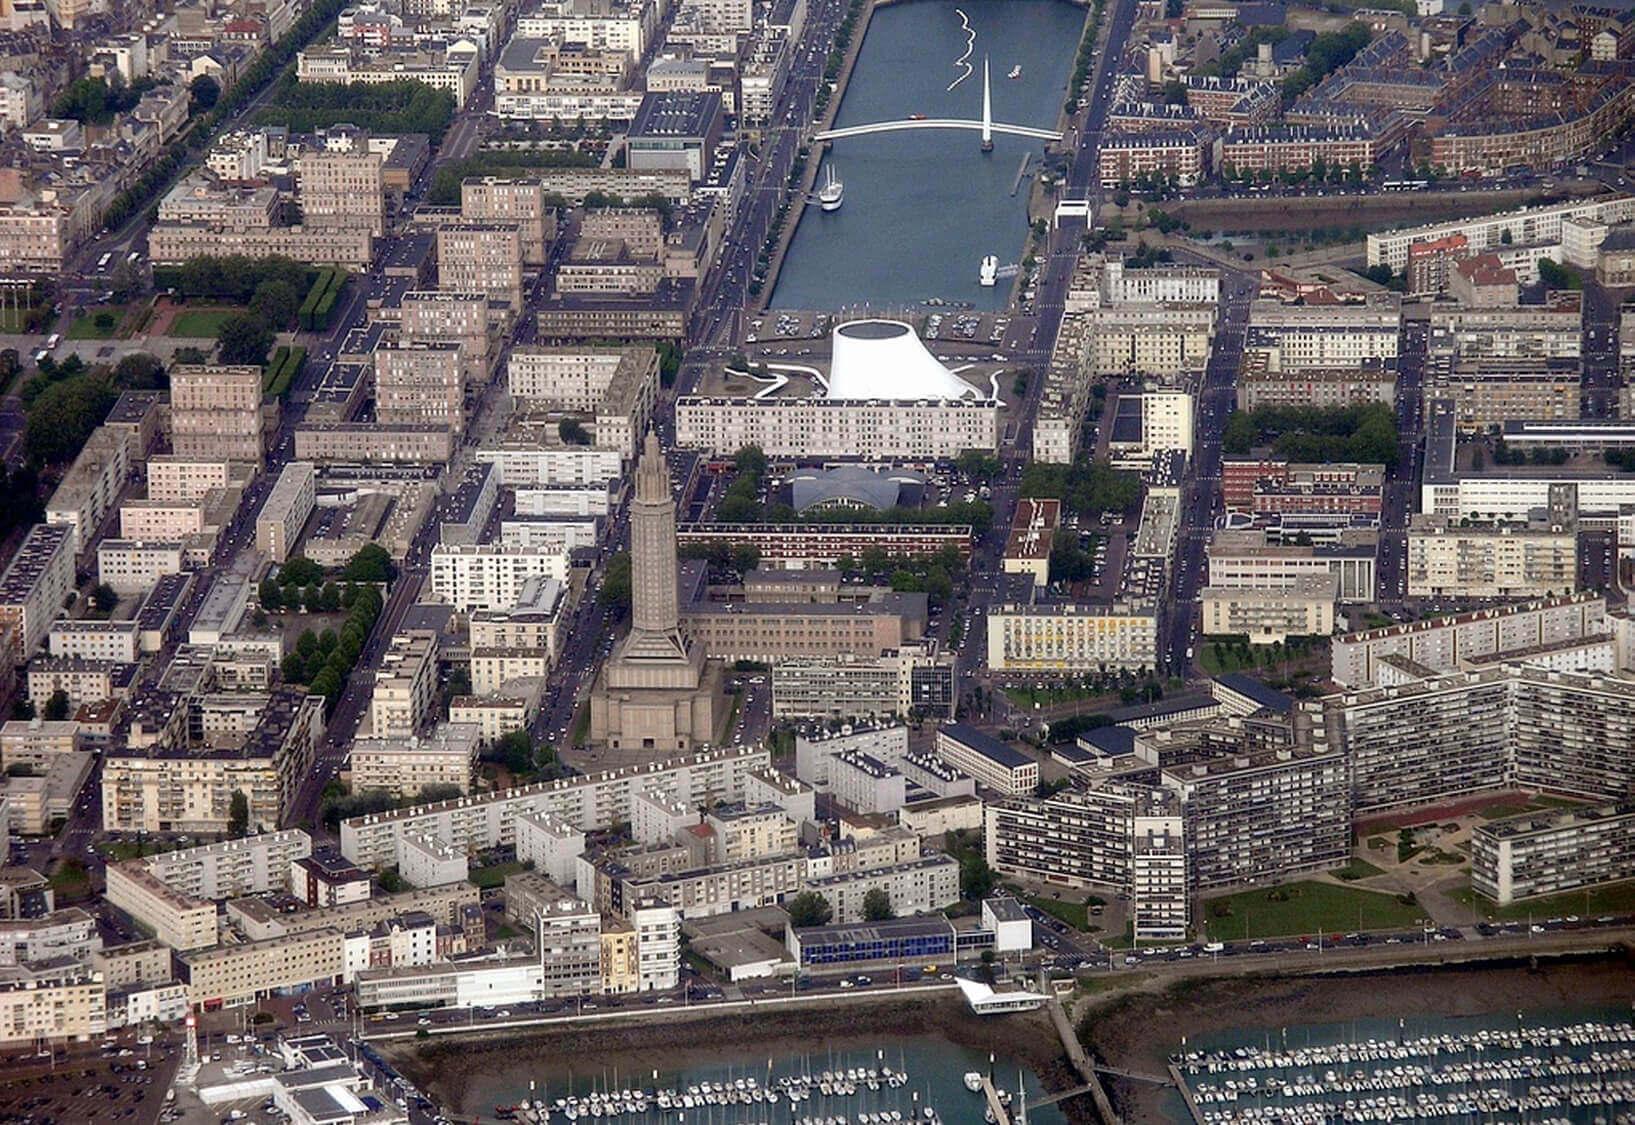 avap le havre, le havre (seine-maritime) - 1090 architectes